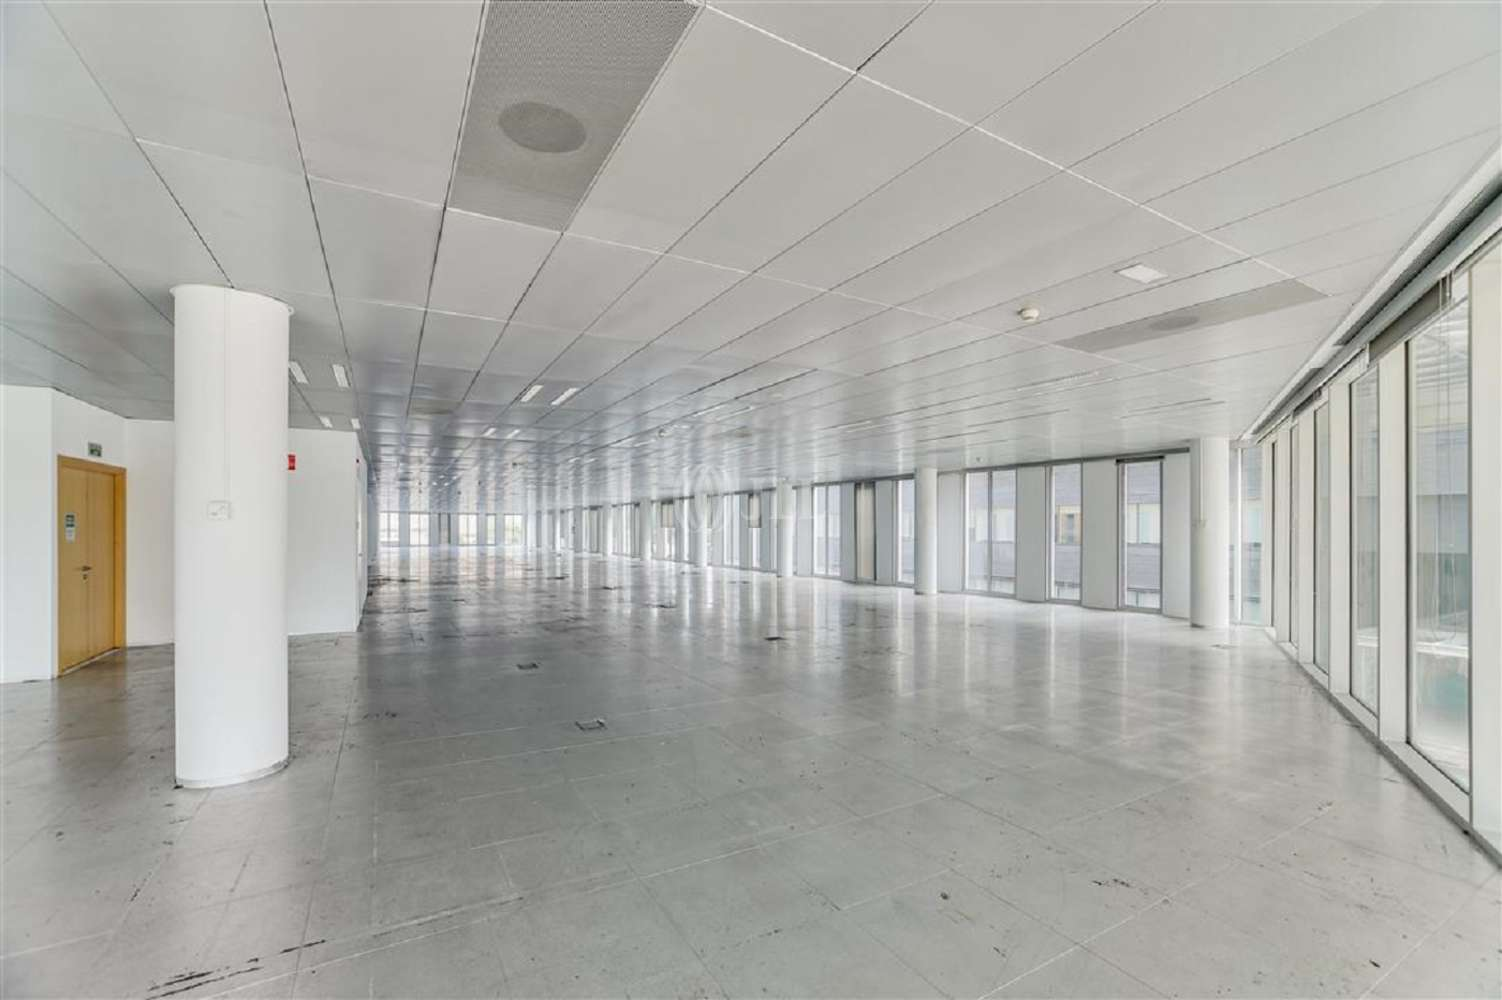 Oficina Cornellà de llobregat, 08940 - WTC ALMEDA PARK - Edificio 8 - 20042